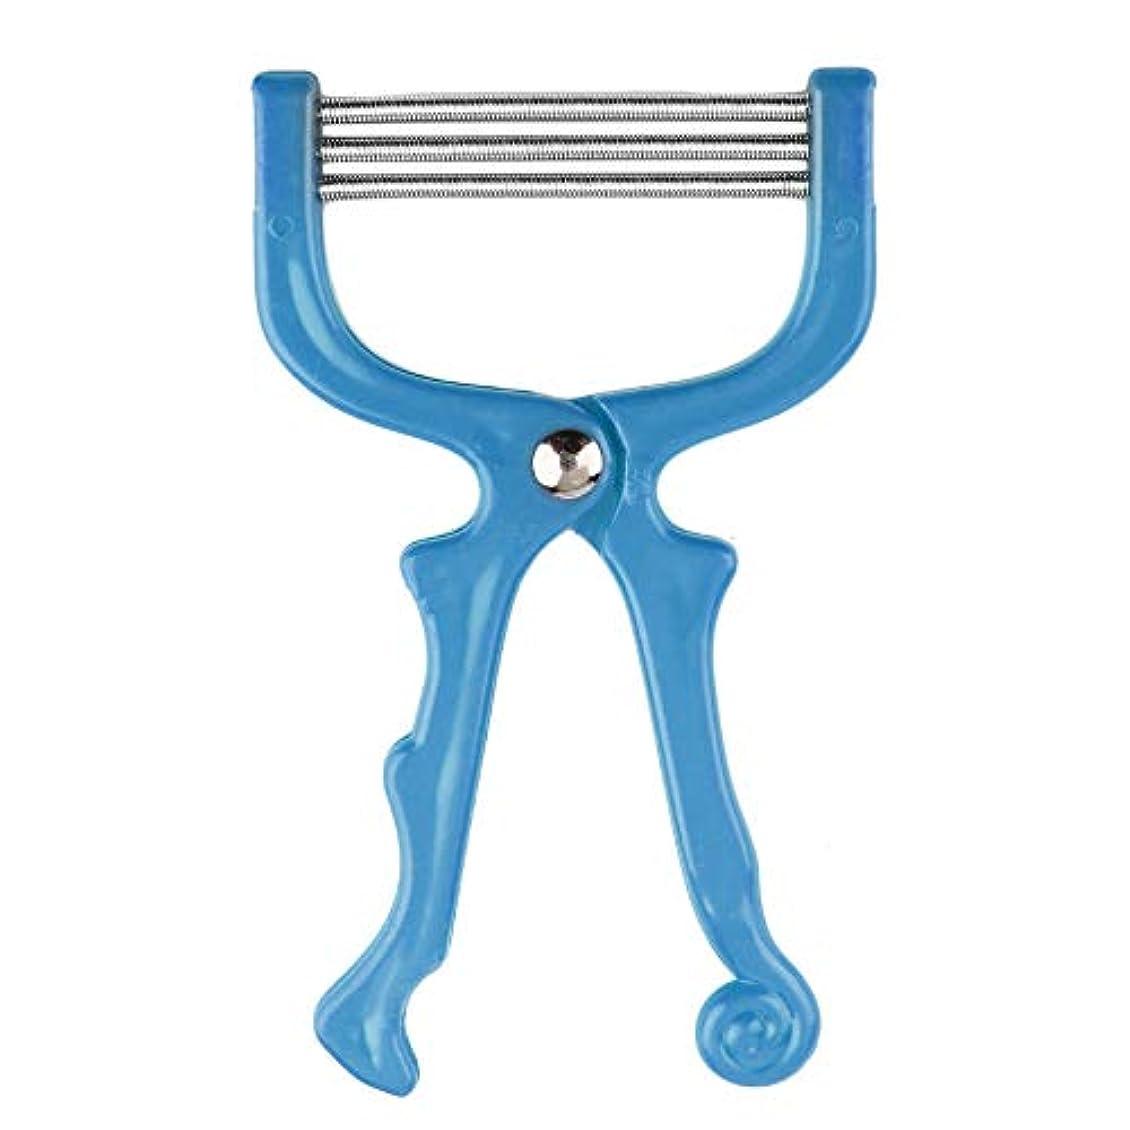 感謝祭発音一貫した安全なハンドヘルドスプリングローラー女性の顔顔の毛の除去脱毛器美容器脱毛器エピローラーフェイスケアマッサージ(Color:blue)